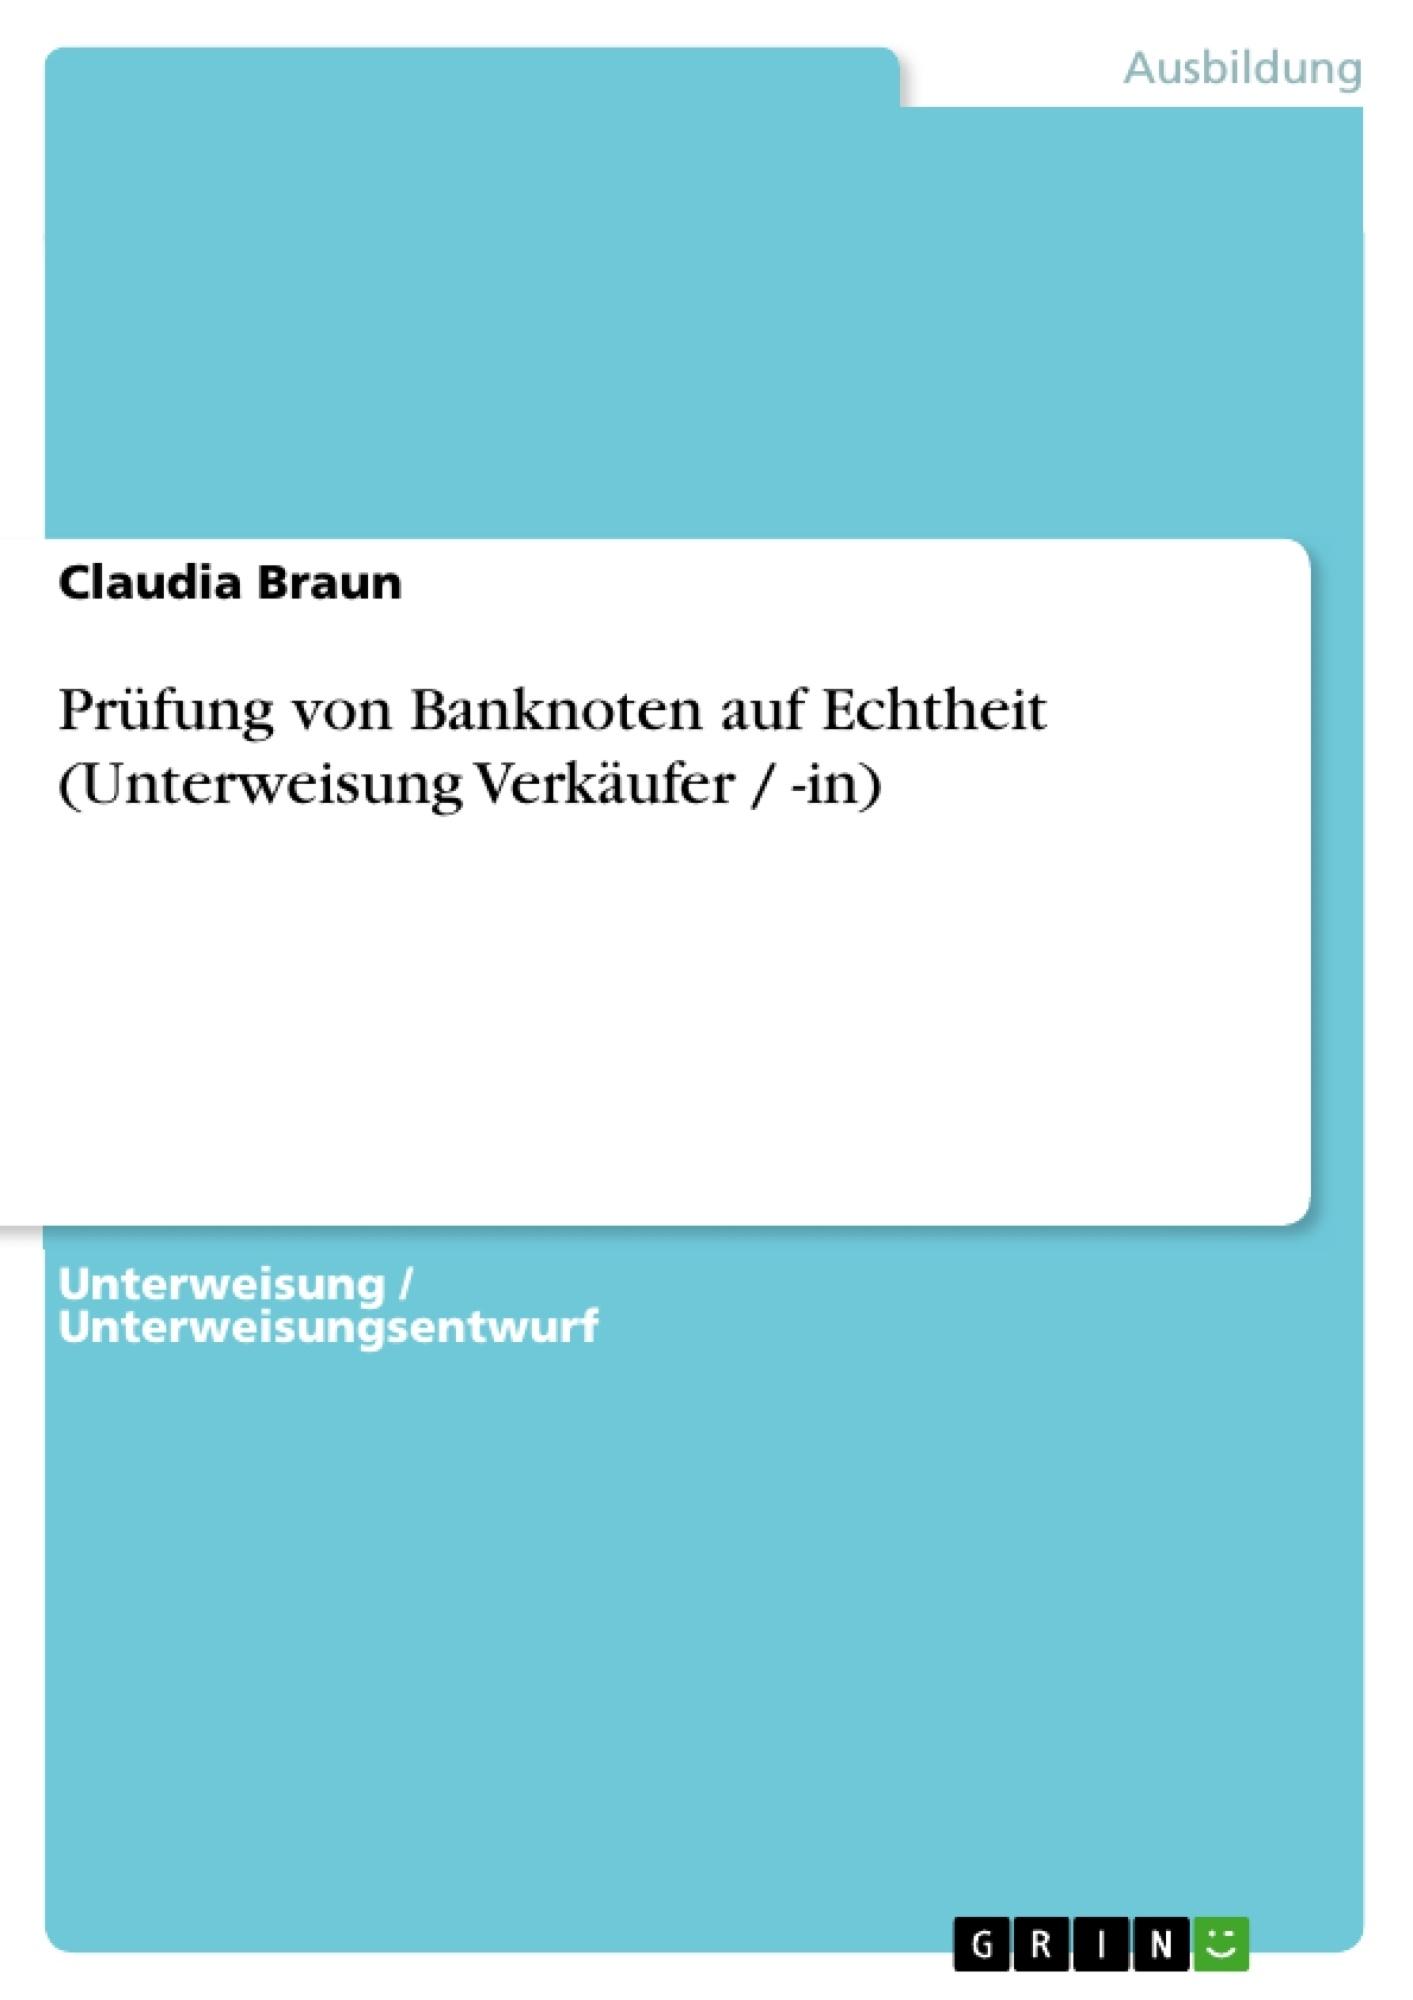 Titel: Prüfung von Banknoten auf Echtheit (Unterweisung Verkäufer / -in)